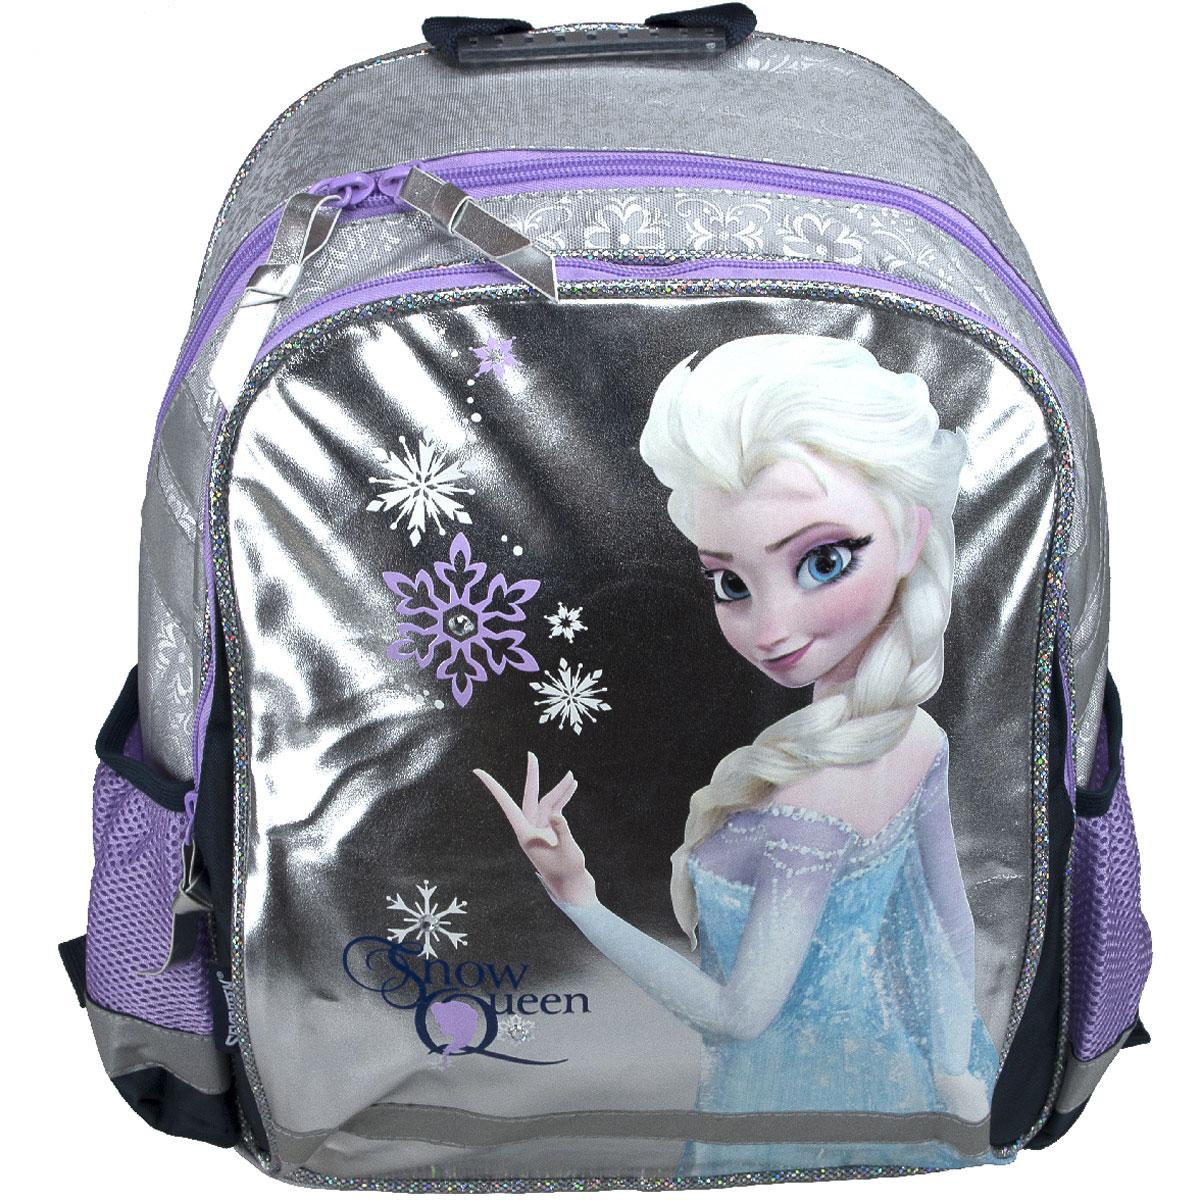 Рюкзак школьный Disney Frozen Snow Queen, цвет: серебристый, фиолетовый72523WDРюкзак школьный Disney Frozen Snow Queen обязательно понравится вашей школьнице. Выполнен из прочных и высококачественных материалов, дополнен изображением героини мультфильма Холодное сердце.Содержит два вместительных отделения, закрывающиеся на застежки-молнии. В большом отделении находится перегородка для тетрадей или учебников. Дно рюкзака можно сделать жестким, разложив специальную панель с пластиковойвставкой, что повышает сохранность содержимого рюкзака и способствует правильному распределению нагрузки. По бокам расположены два накладных кармана-сетка. Конструкция спинки дополнена противоскользящей сеточкой и системой вентиляции для предотвращения запотевания спины ребенка. Мягкие широкие лямки позволяют легко и быстро отрегулировать рюкзак в соответствии с ростом. Рюкзак оснащен эргономичной ручкой для удобной переноски в руке. Светоотражающие элементы обеспечивают безопасность в темное время суток.Такой школьный рюкзак станет незаменимым спутником вашего ребенка в походах за знаниями.Вес рюкзака без наполнения: 550 г.Рекомендуемый возраст: от 12 лет.